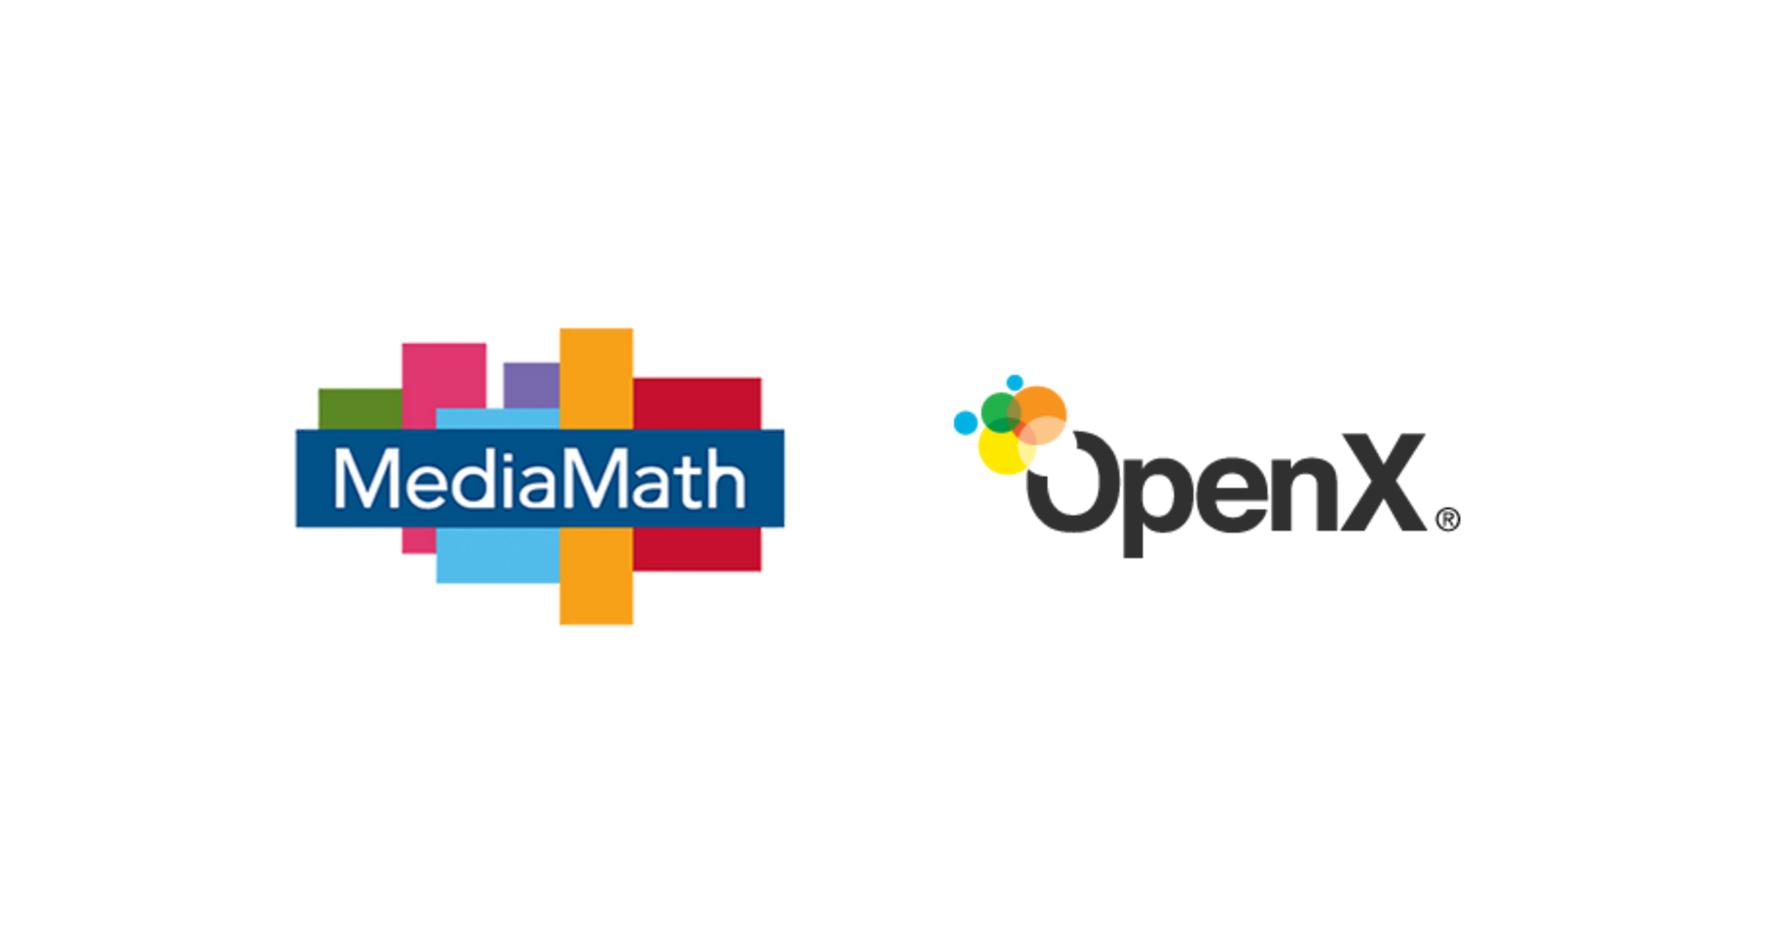 mediamath openx